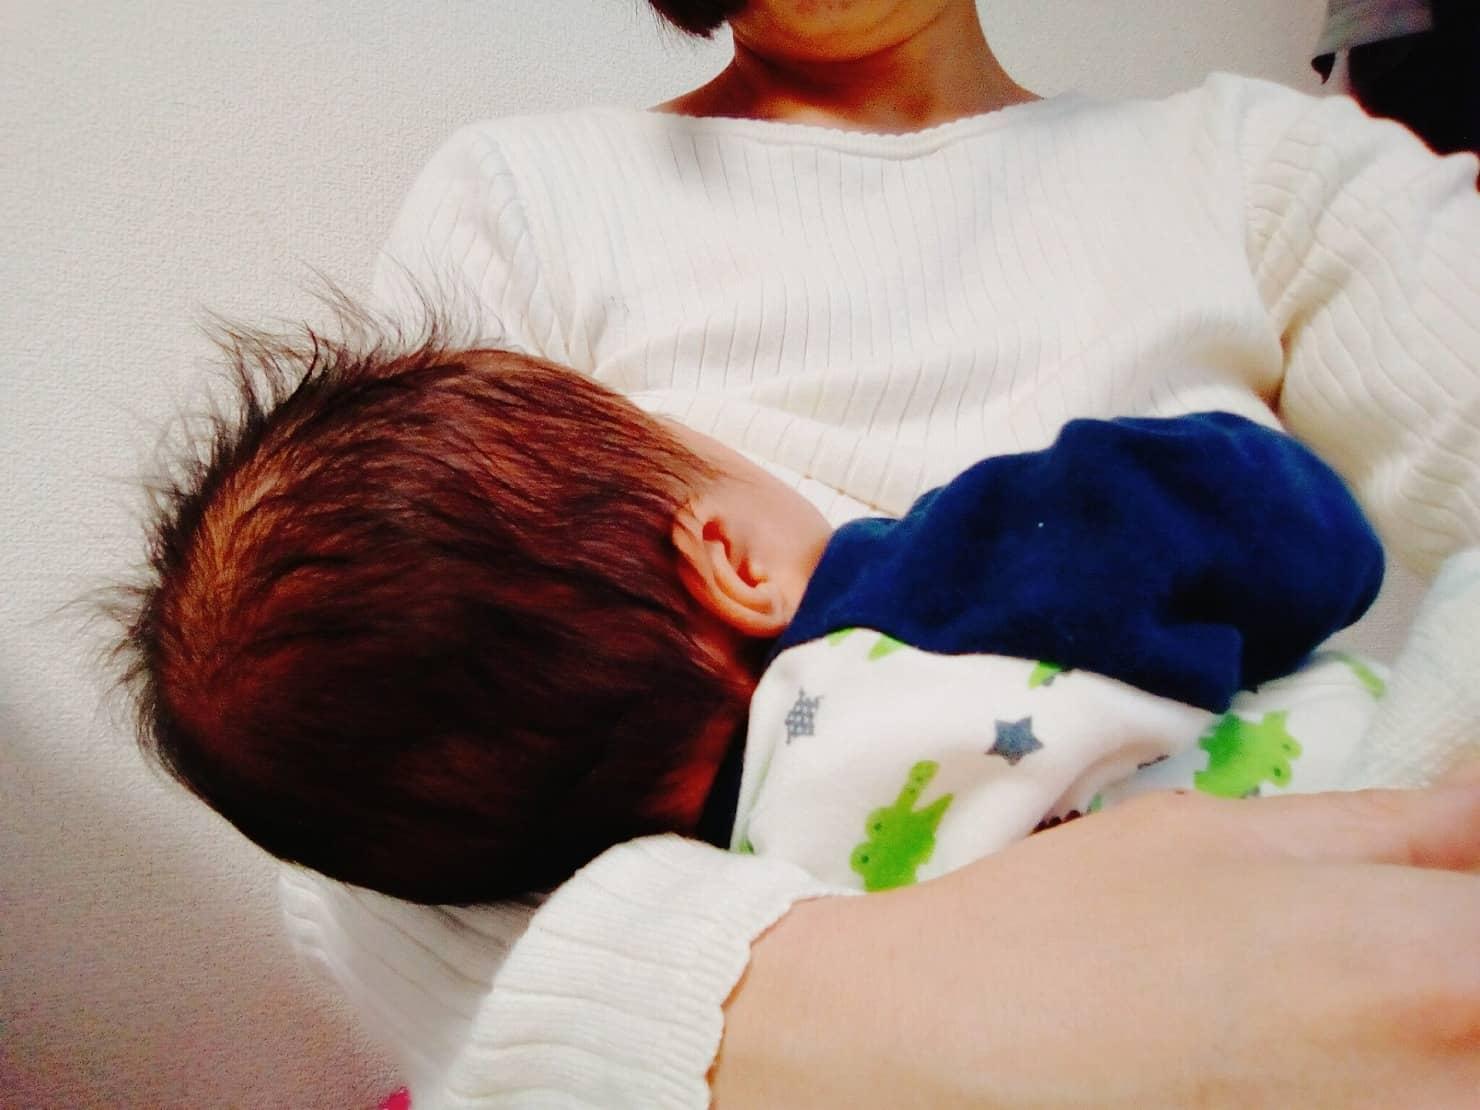 エルゴの抱っこ紐は新生児から使えるの? 人気のインファントインサートの使い方とよくある悩みについて